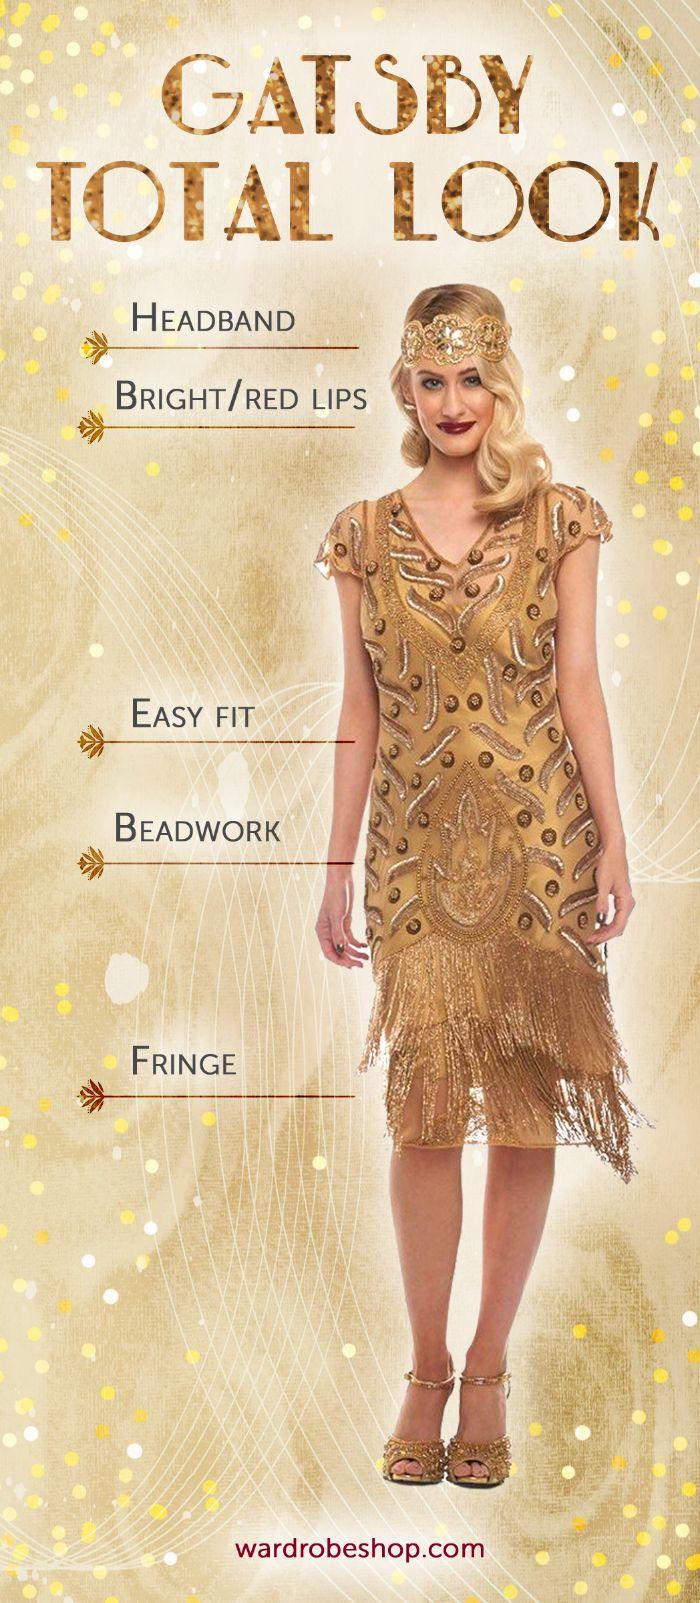 20er kleid vintage, ein muster wie retro 20er look geschafft wird, goldenes kleid und accessoires dazu